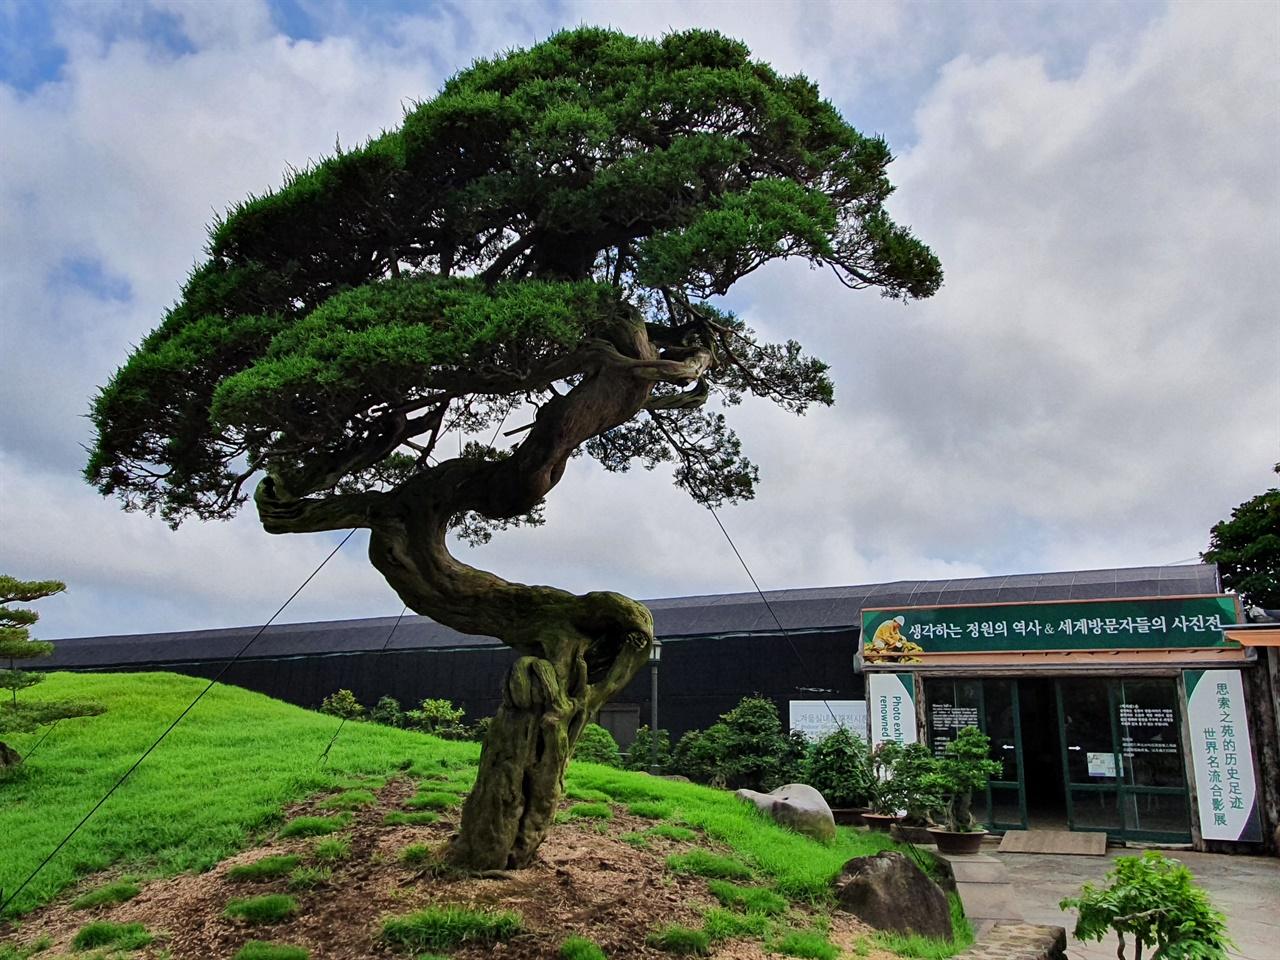 특히 일본인들이 극찬하는 700년 이상 된 향나무는  생각하는 정원의 보물과도 같은 나무다.